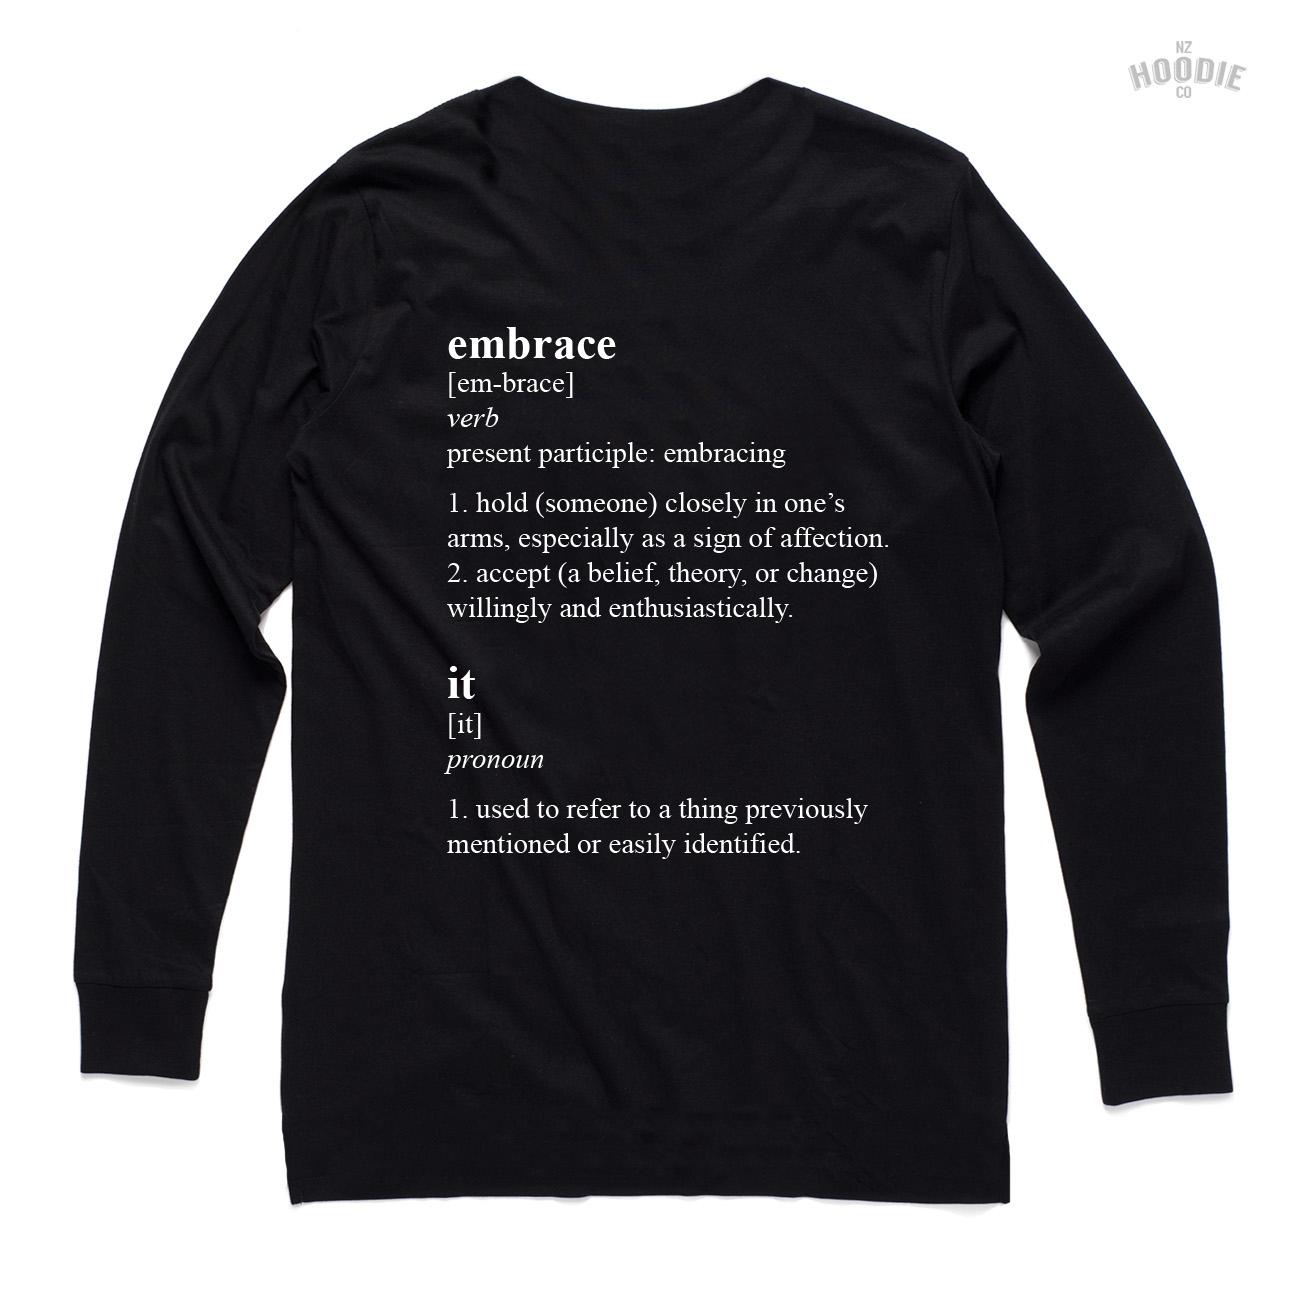 tshirt_back (1).jpg